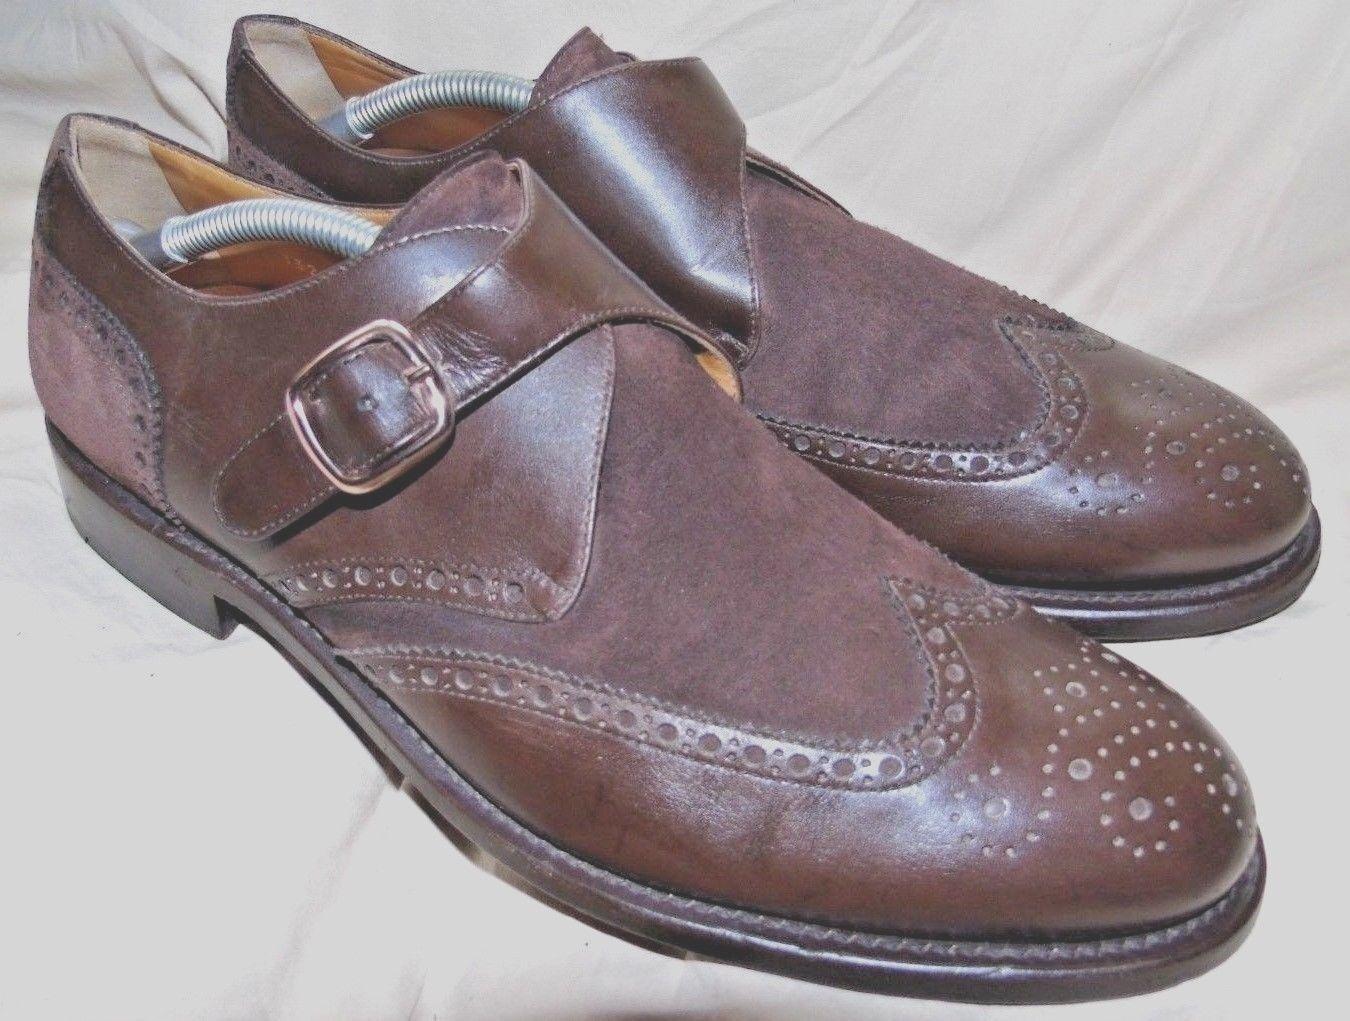 O 'Keeffe élégante marron foncé cousu Monk F Strap Chaussures F Monk a260de